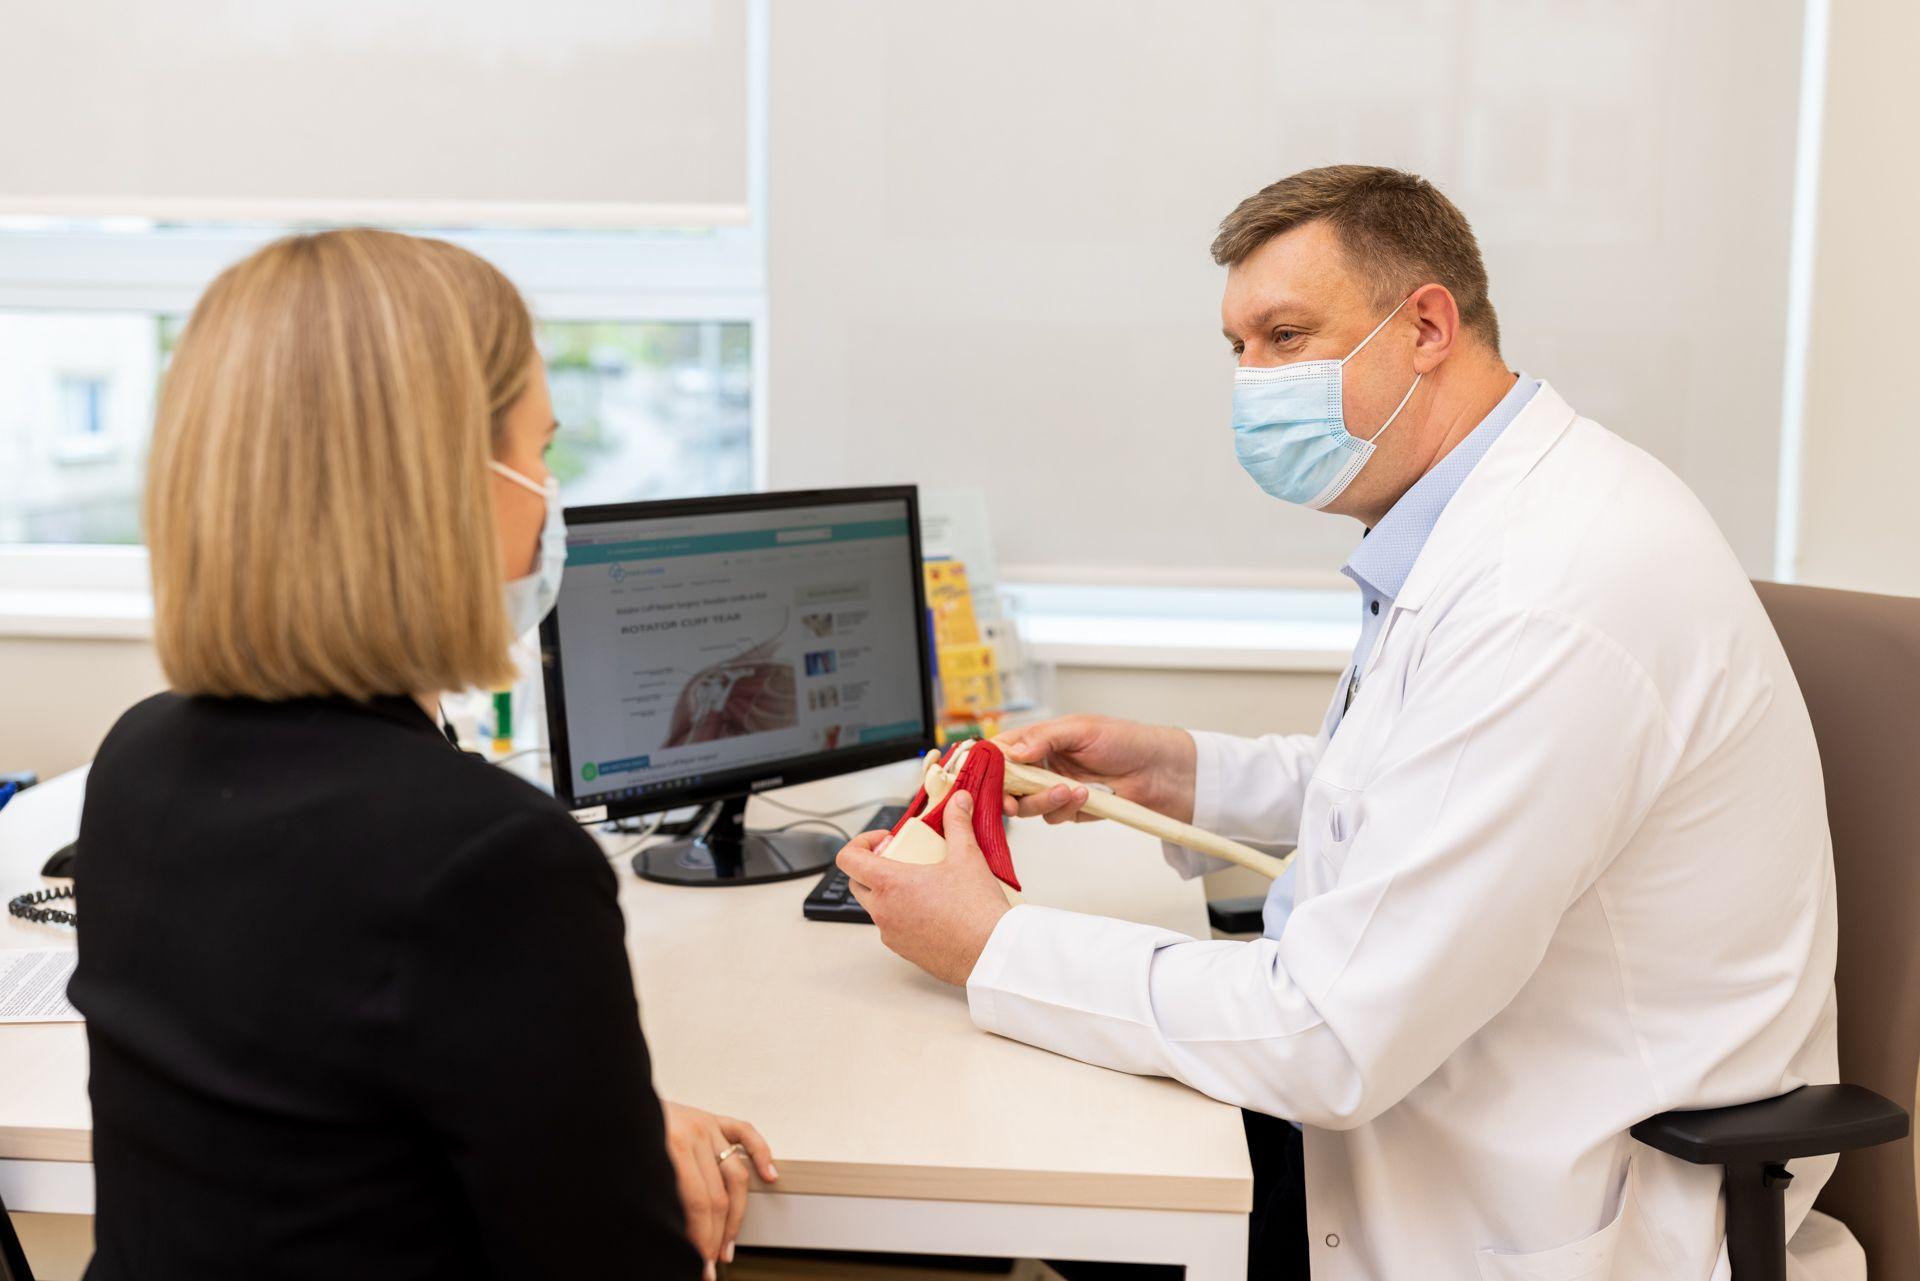 Eugenijus Piešina konsultuoja pacientę